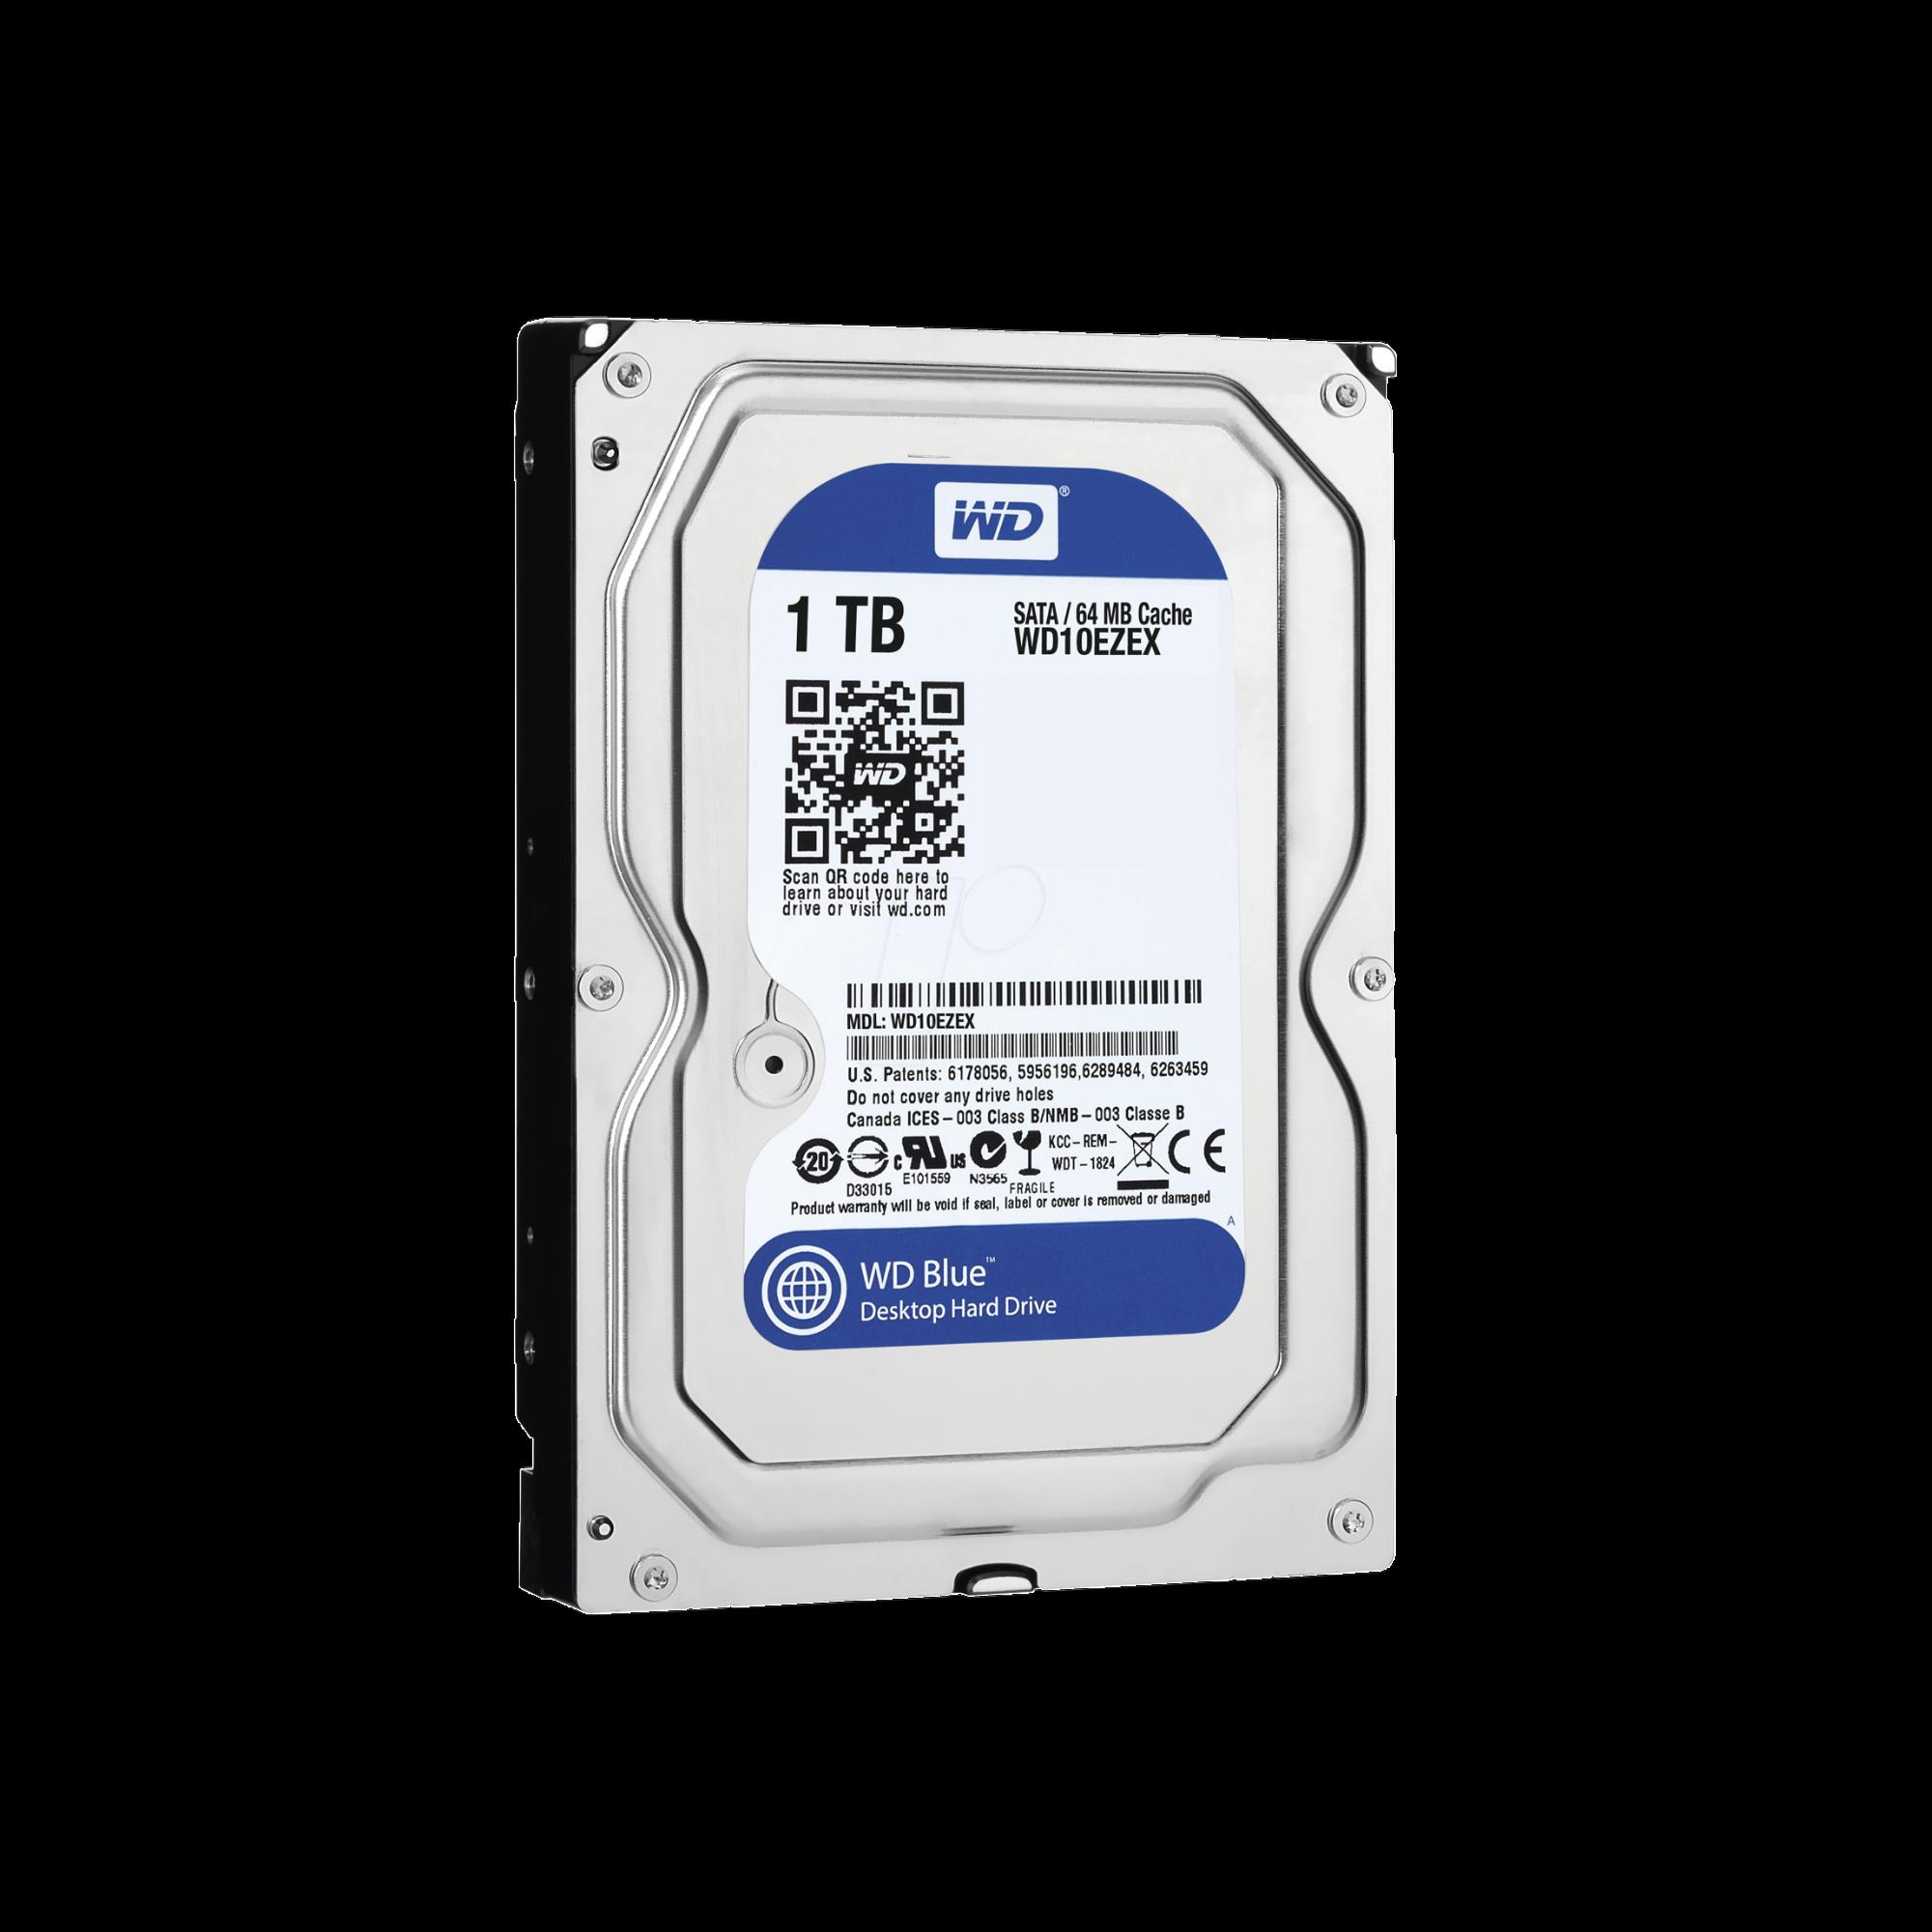 Disco duro WD 1 TB / 7200 RPM / Multi-proposito